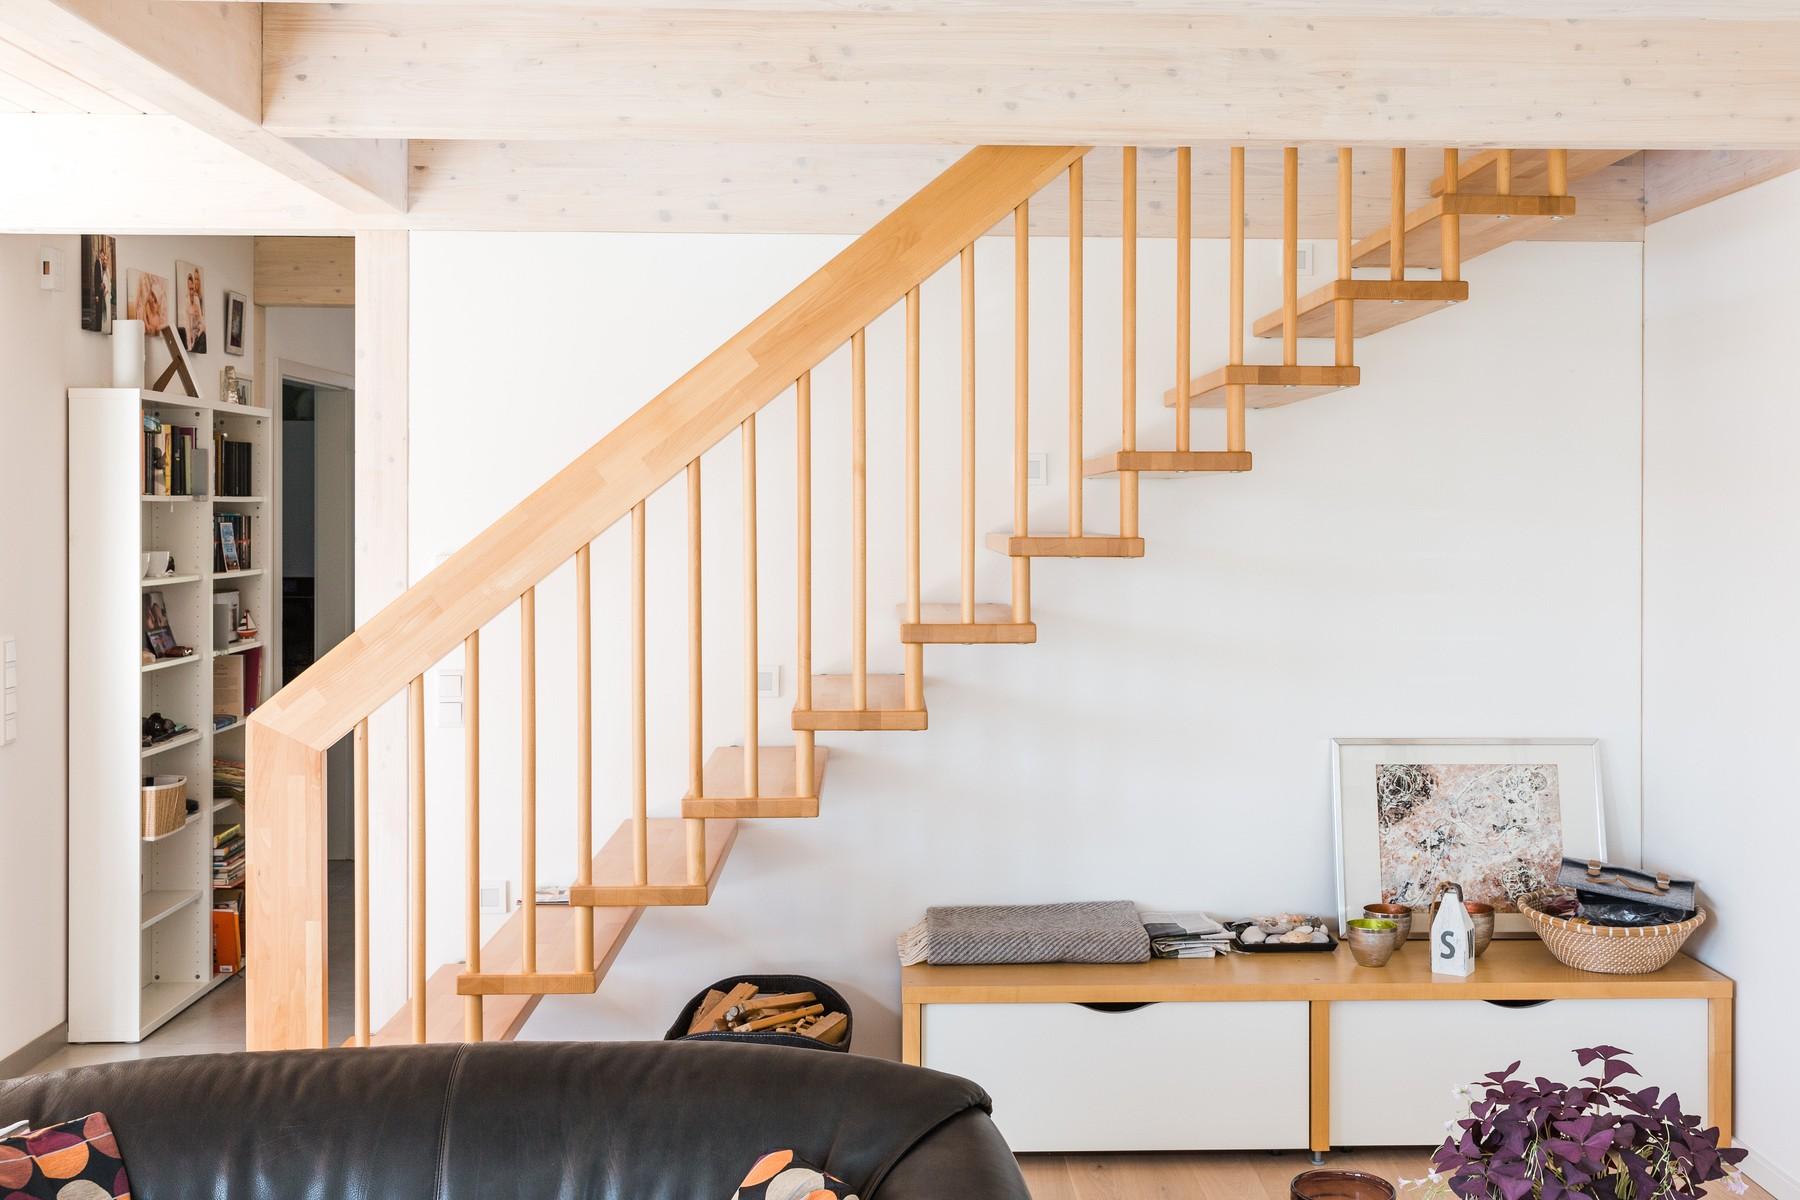 modernes fachwerkhaus hell fachwerk holz glas concentus 16 concentus moderne fachwerkh user. Black Bedroom Furniture Sets. Home Design Ideas